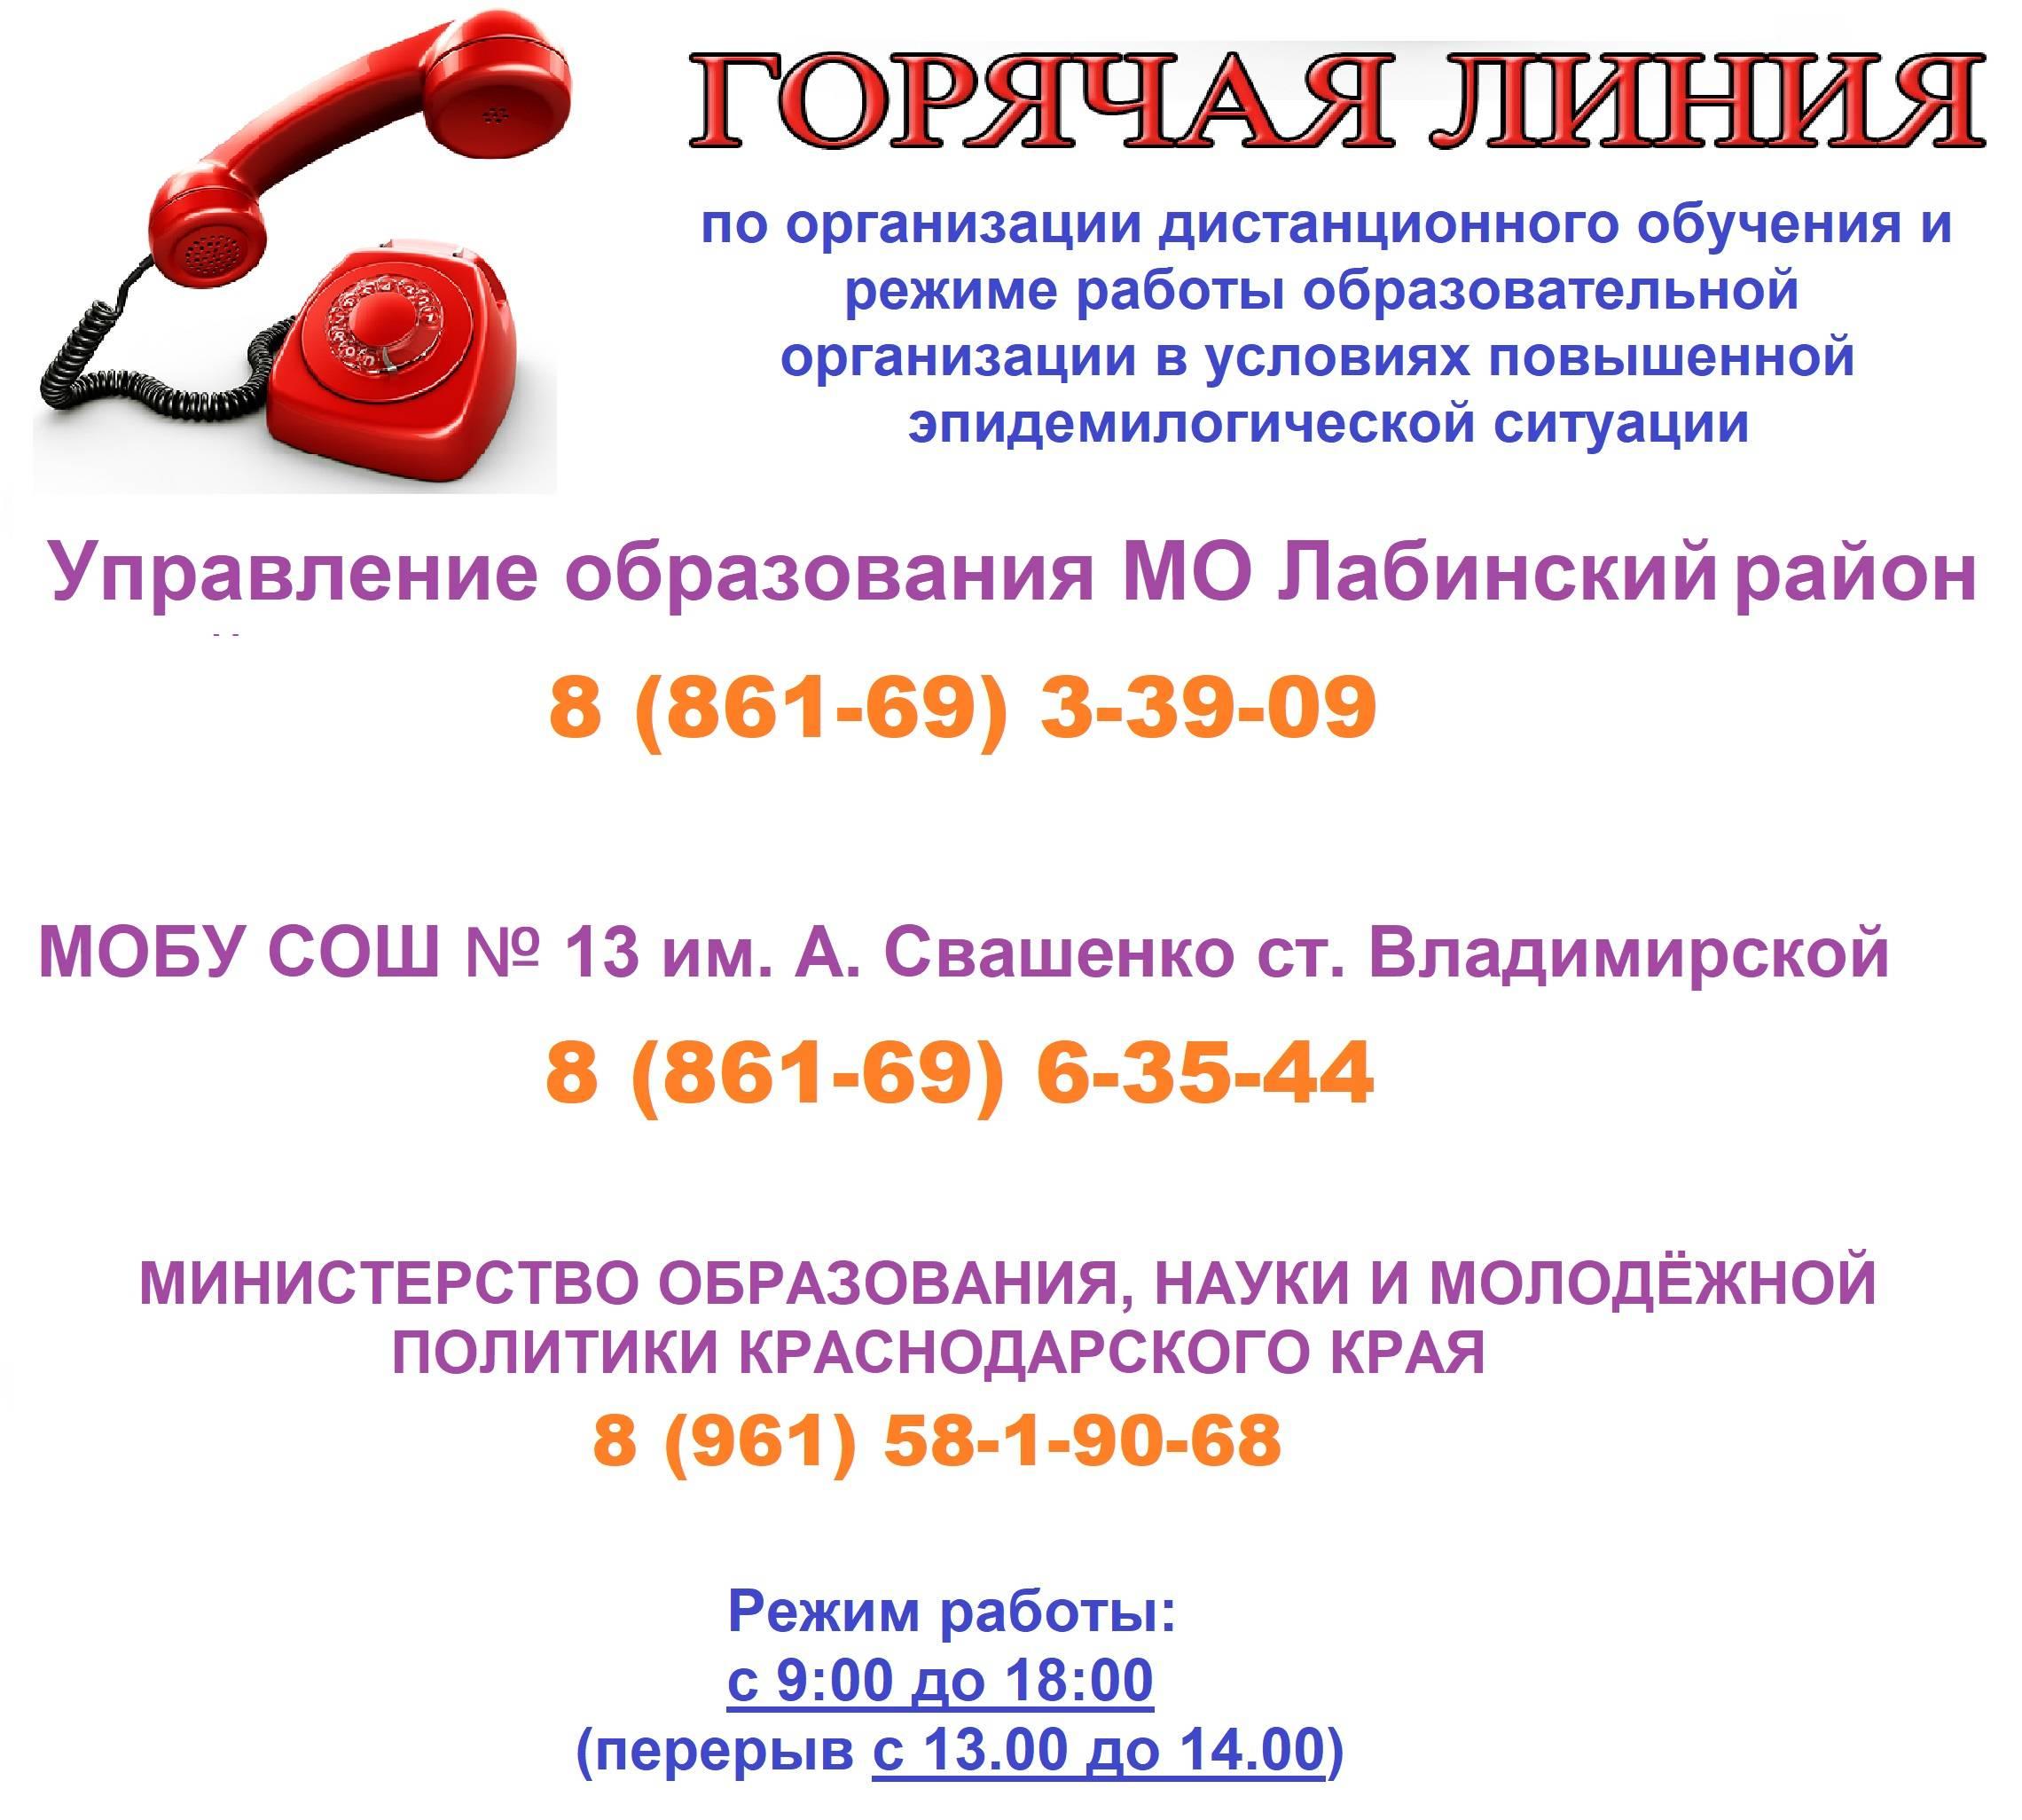 Горячая линия йота, служба поддержки йота, бесплатная горячая линия 8-800